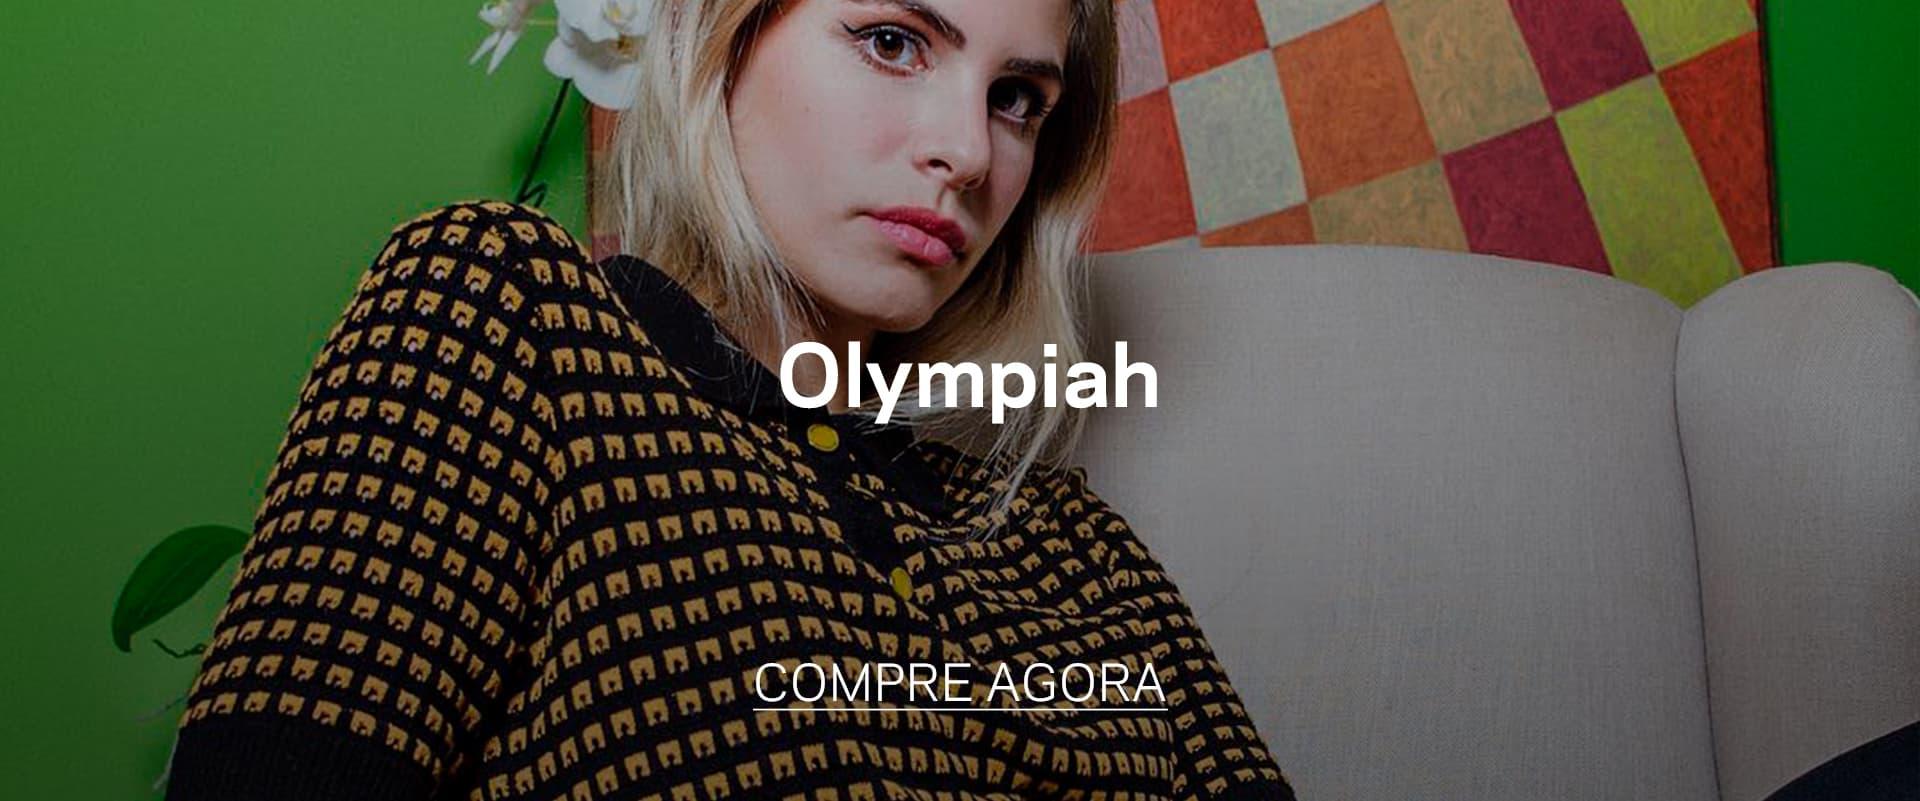 Olympiah/